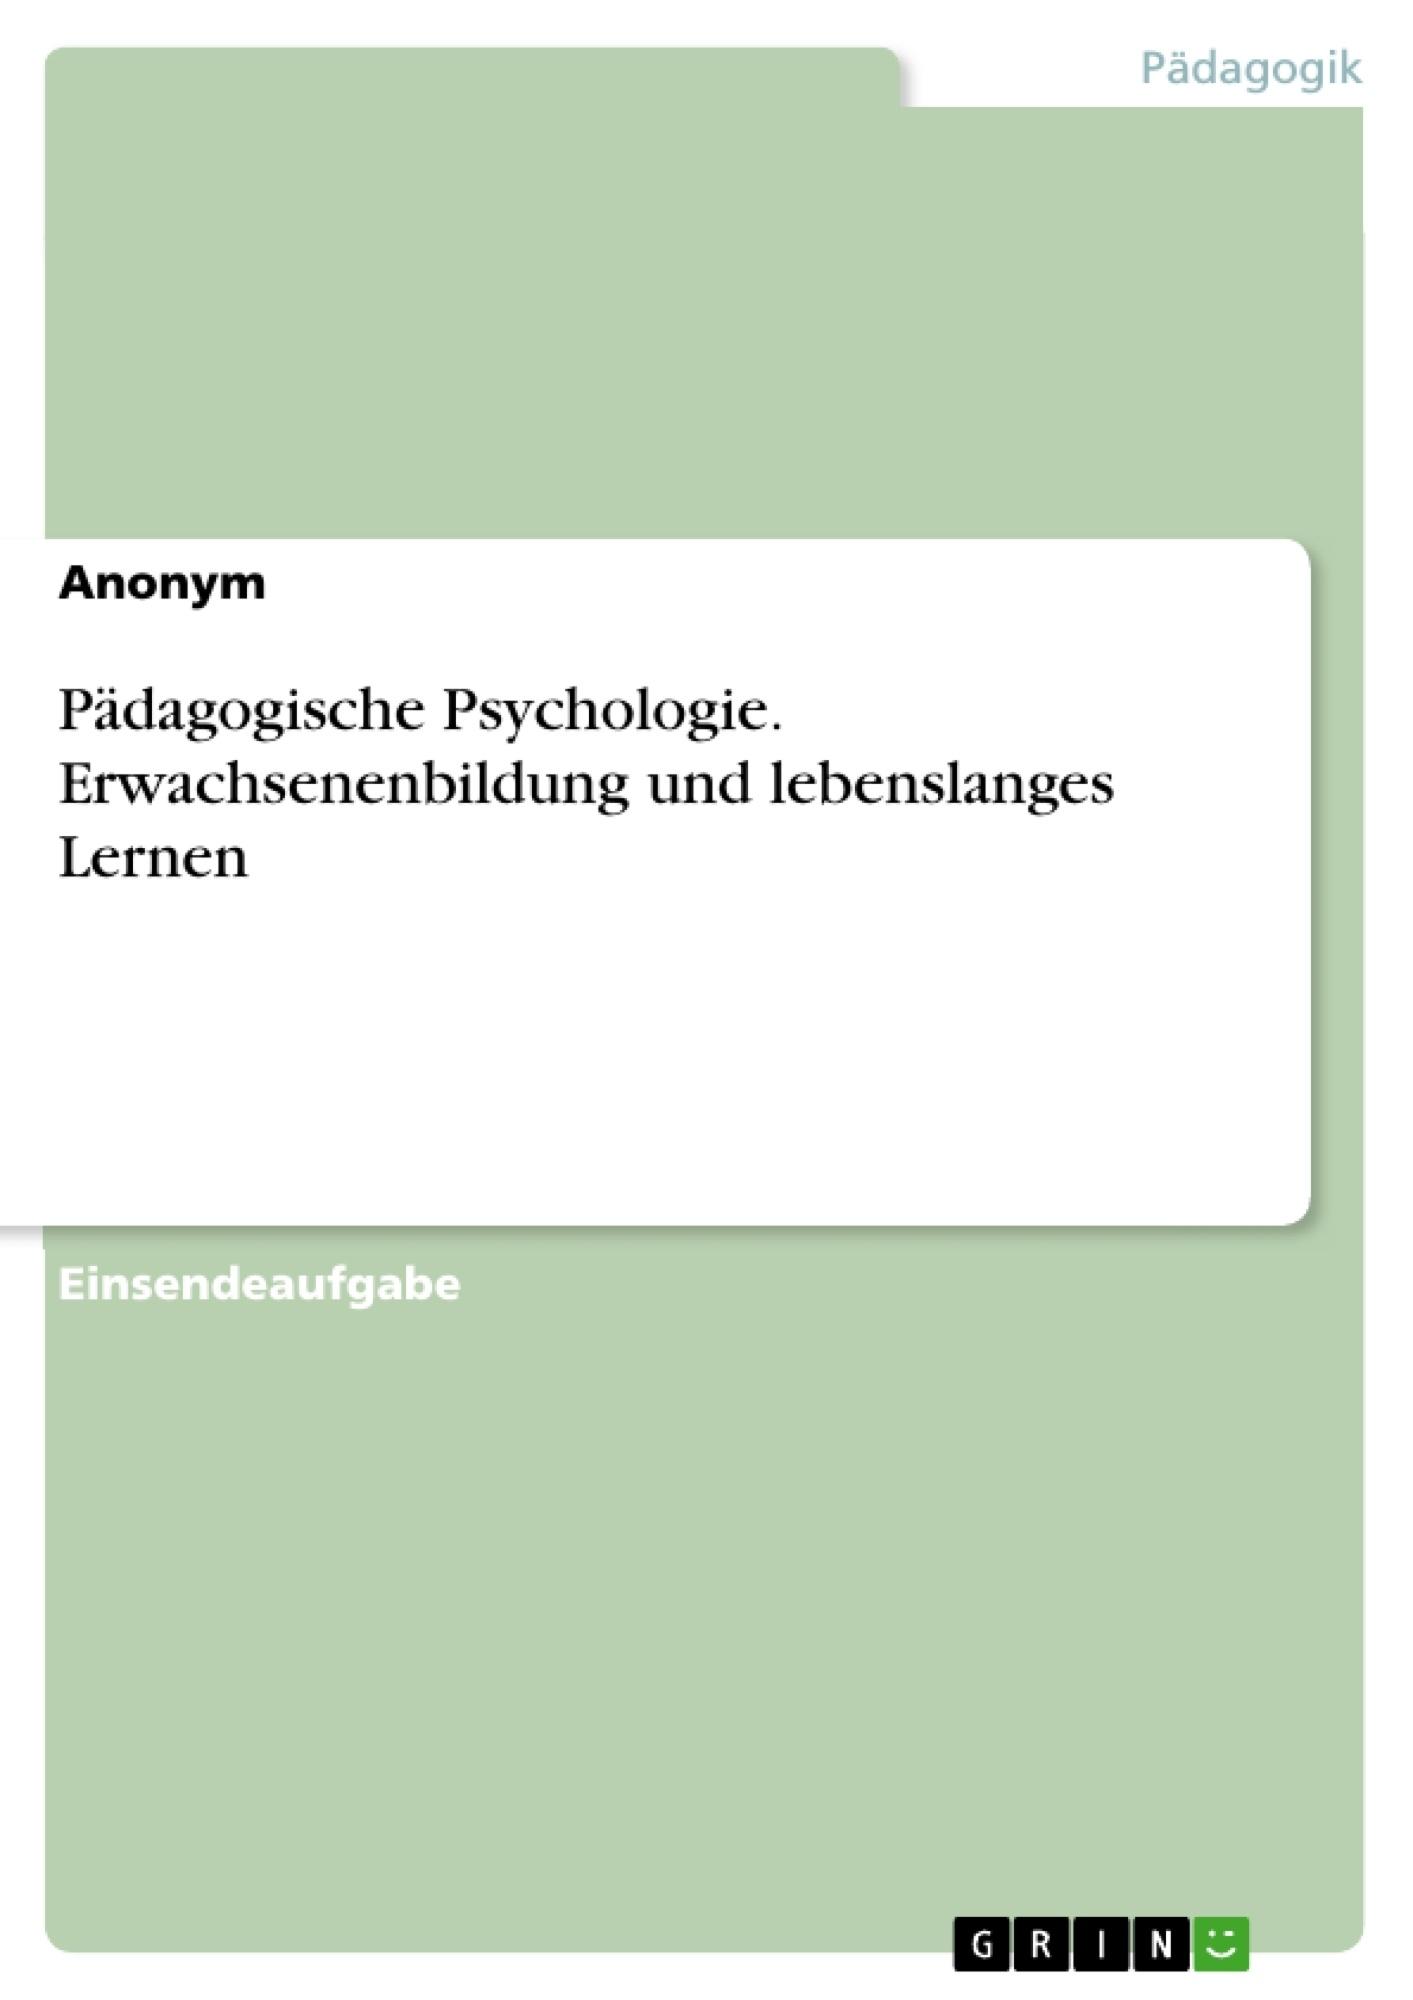 Titel: Pädagogische Psychologie. Erwachsenenbildung und lebenslanges Lernen